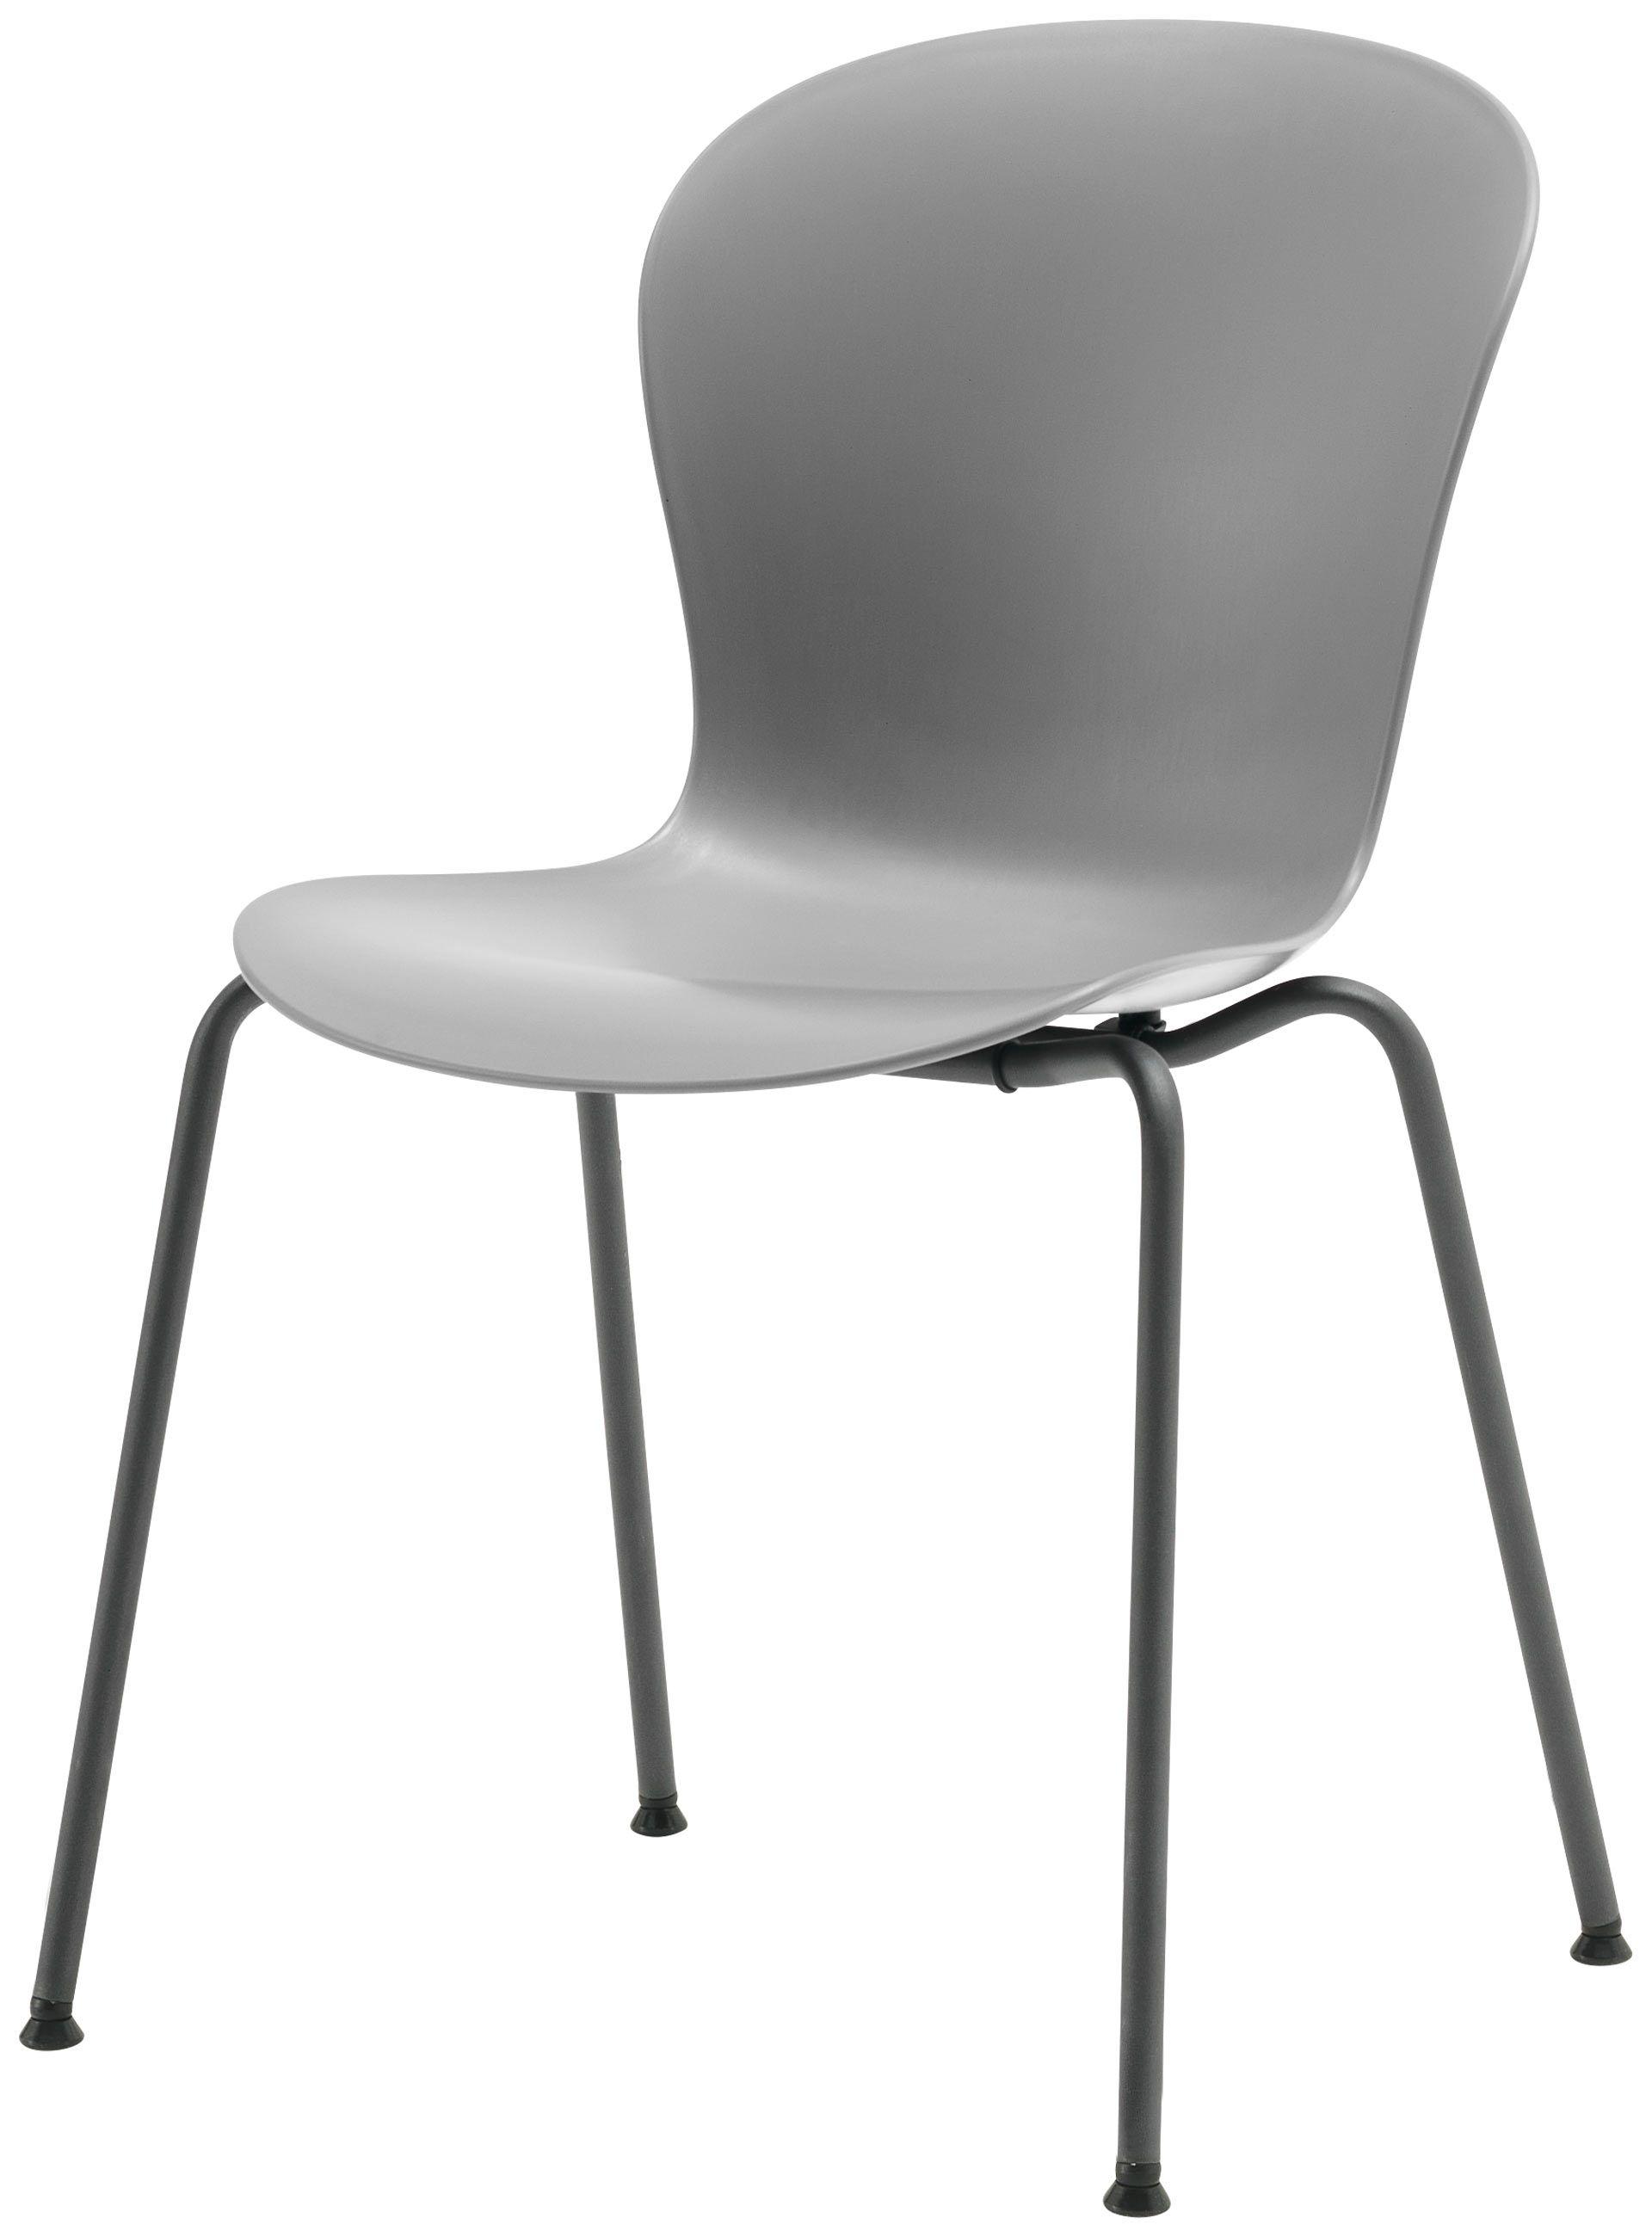 Von Adelaide Chairs Modern Boconcept®Esszimmer Stuhl Dining RL43A5jq